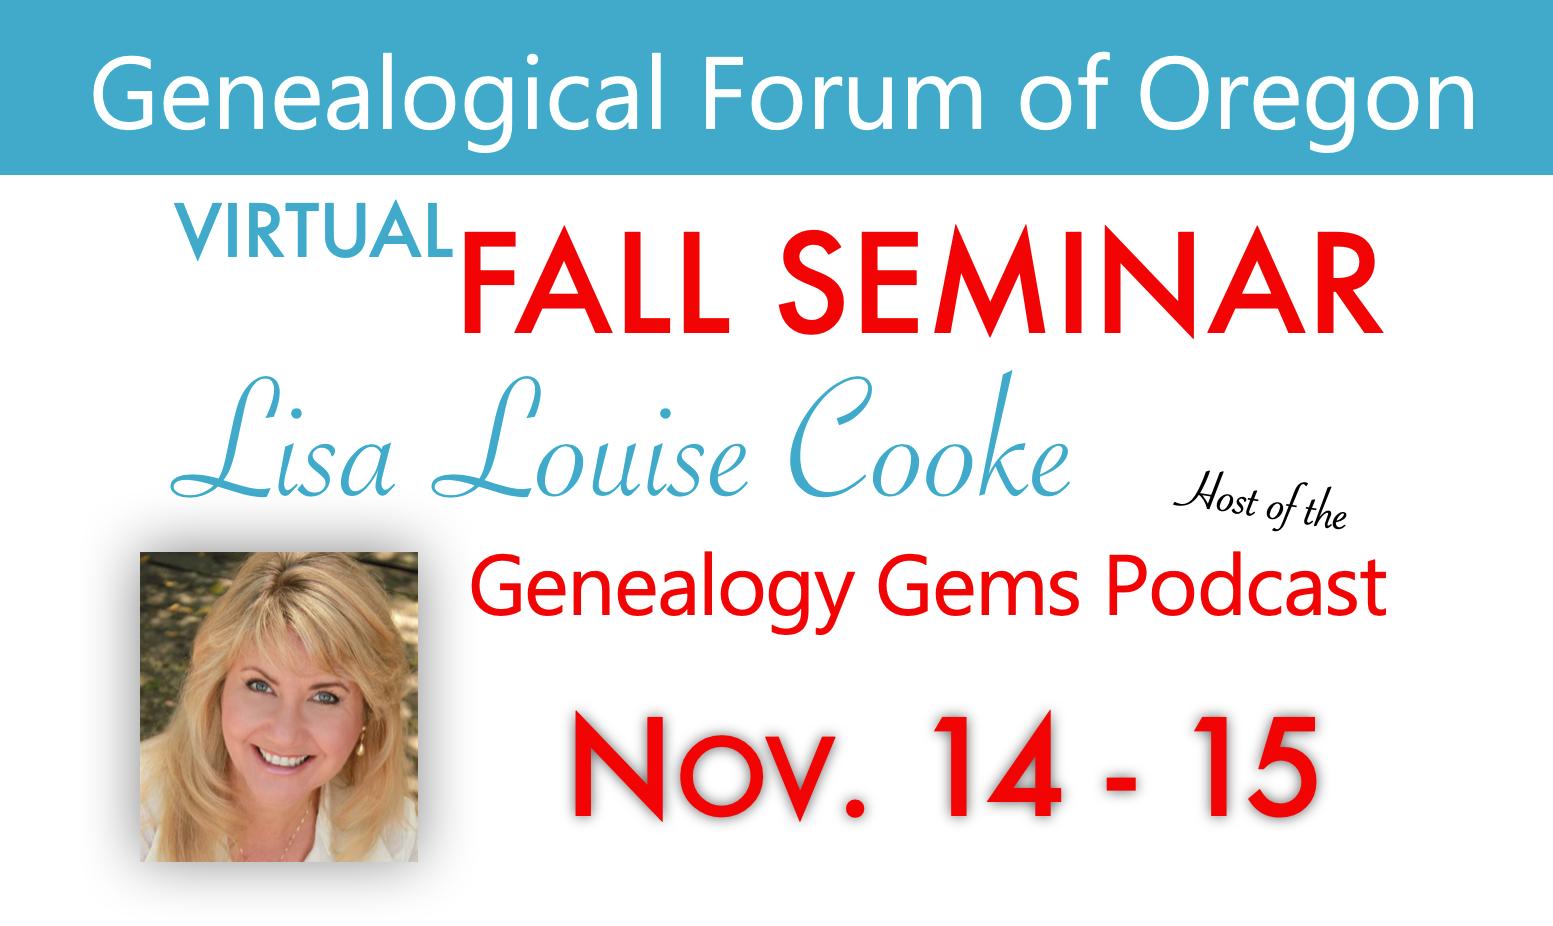 Fall Seminar